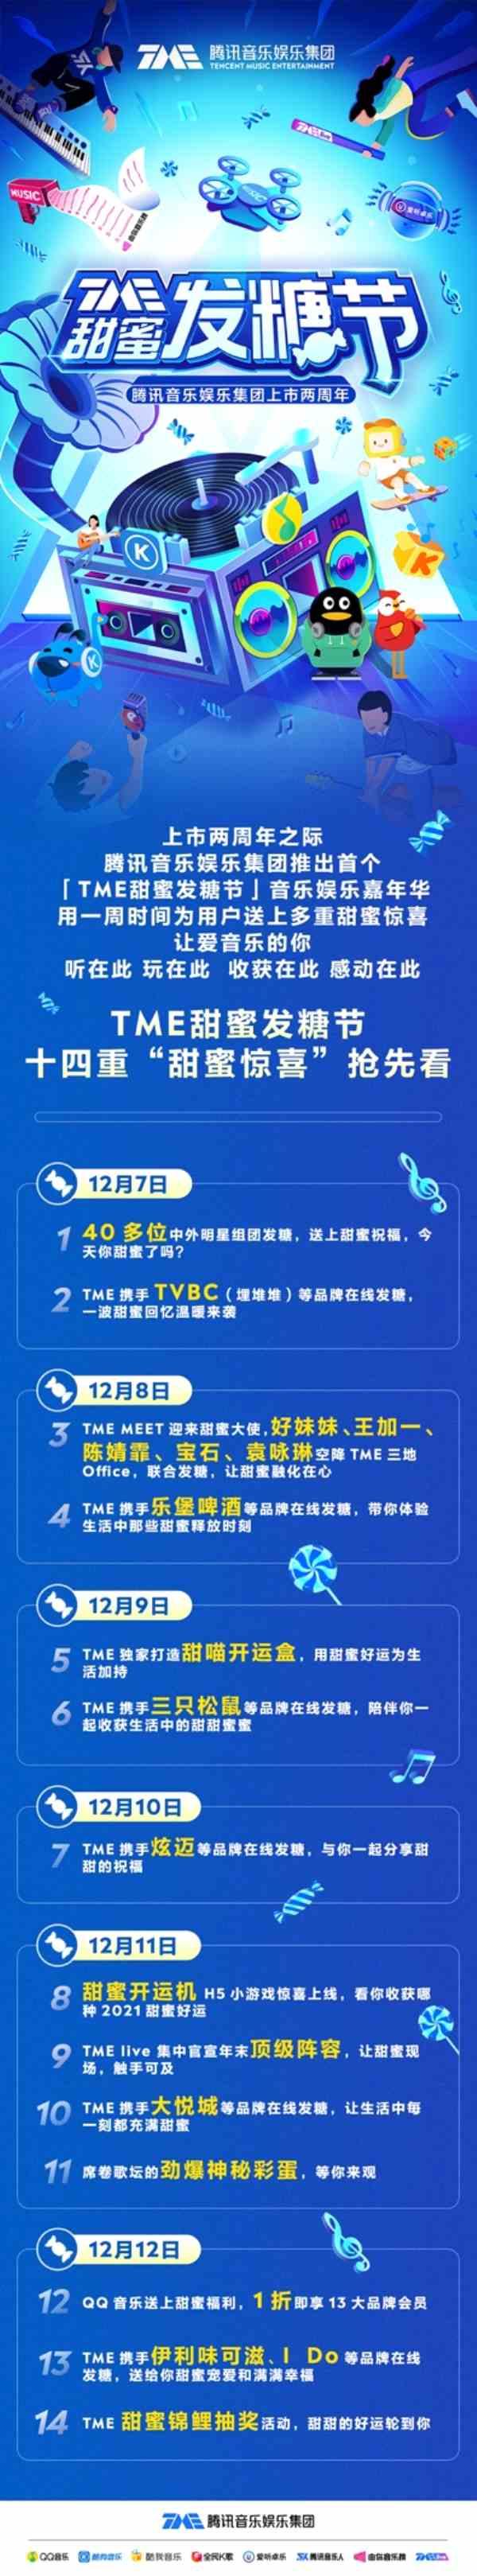 """《【杏鑫登陆注册】腾讯音乐娱乐集团官宣""""TME甜蜜发糖节""""》"""